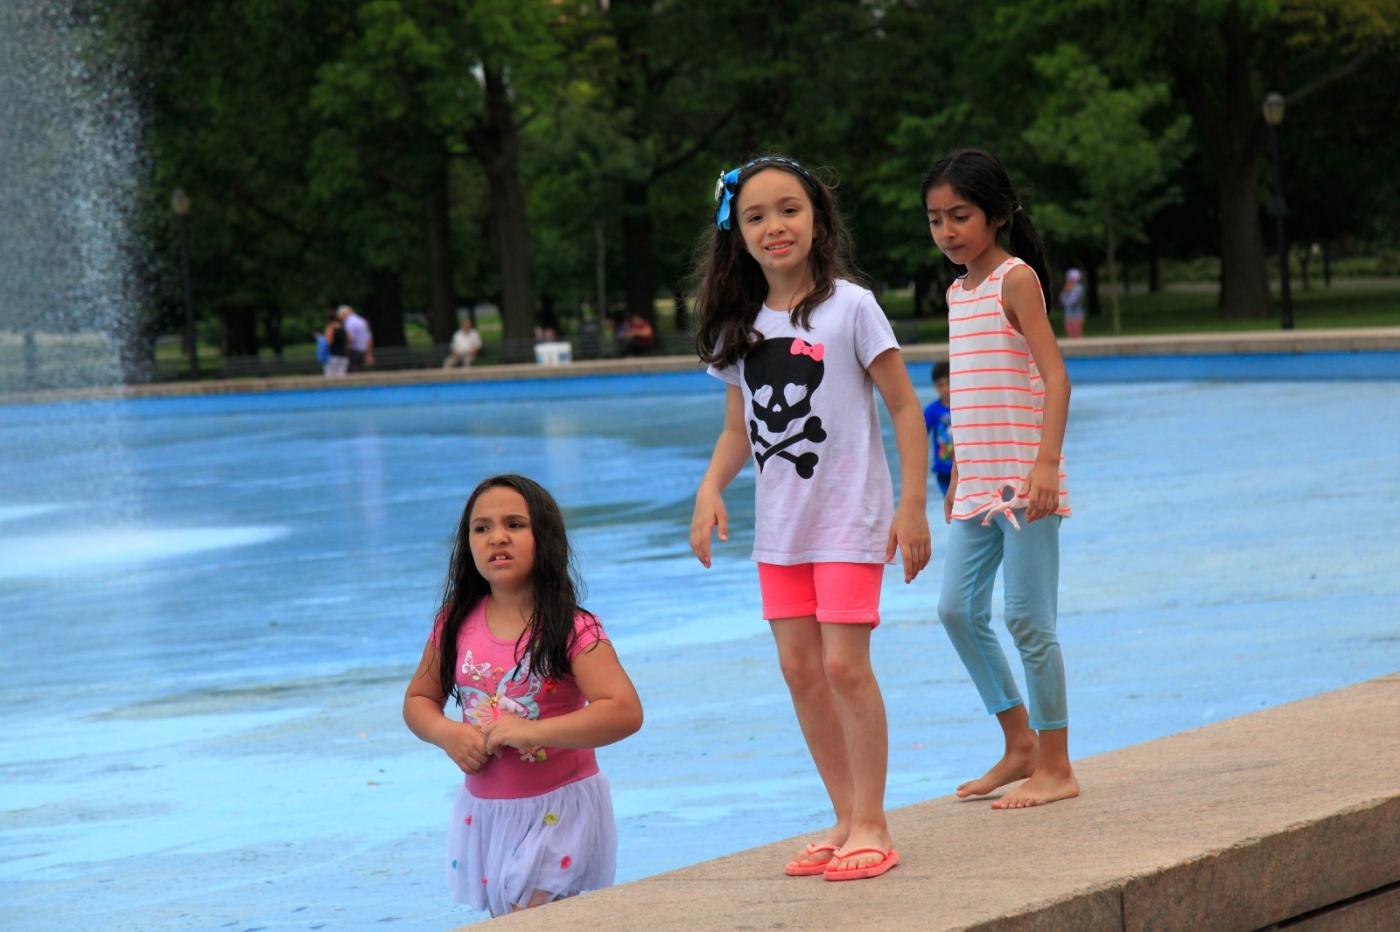 炎夏的可乐娜公园地球仪喷水池,是法拉盛周边居民休闲,娱乐的好地方 ..._图1-10